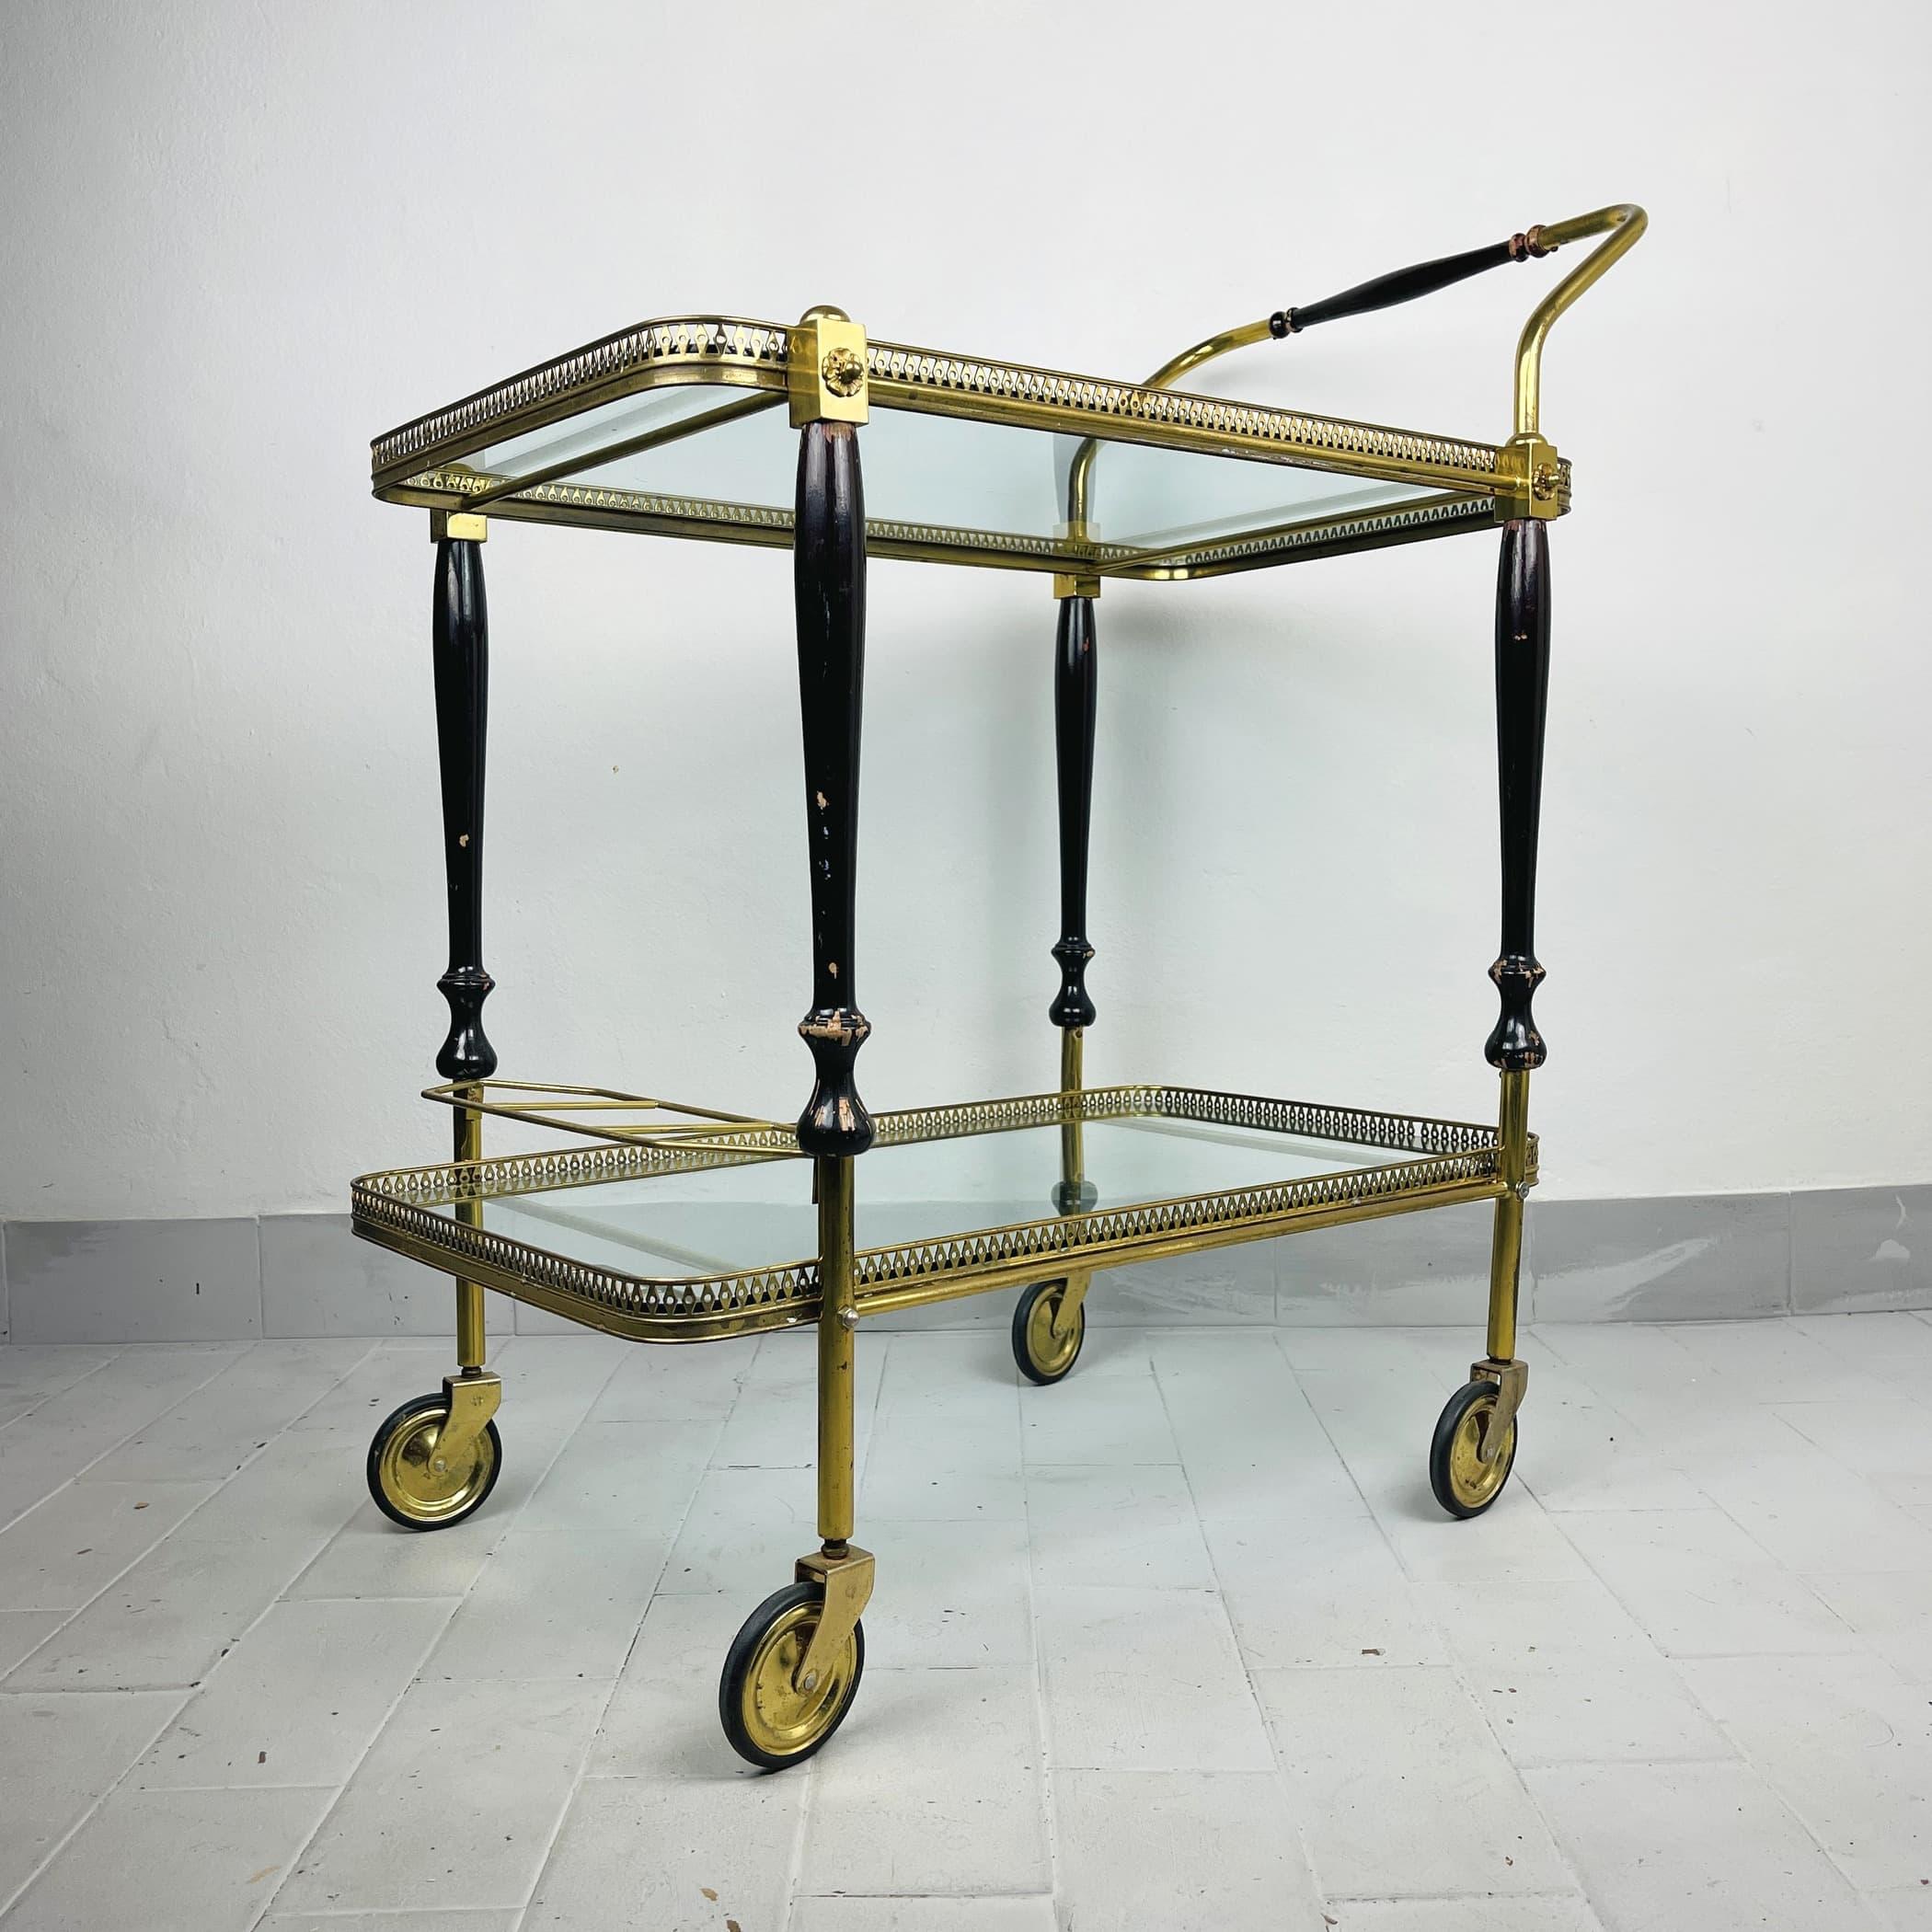 Vintage Serving Bar Cart S.W. Germany 1950s Retro trolley bar Brass Bar Wagon Drinks Trolley